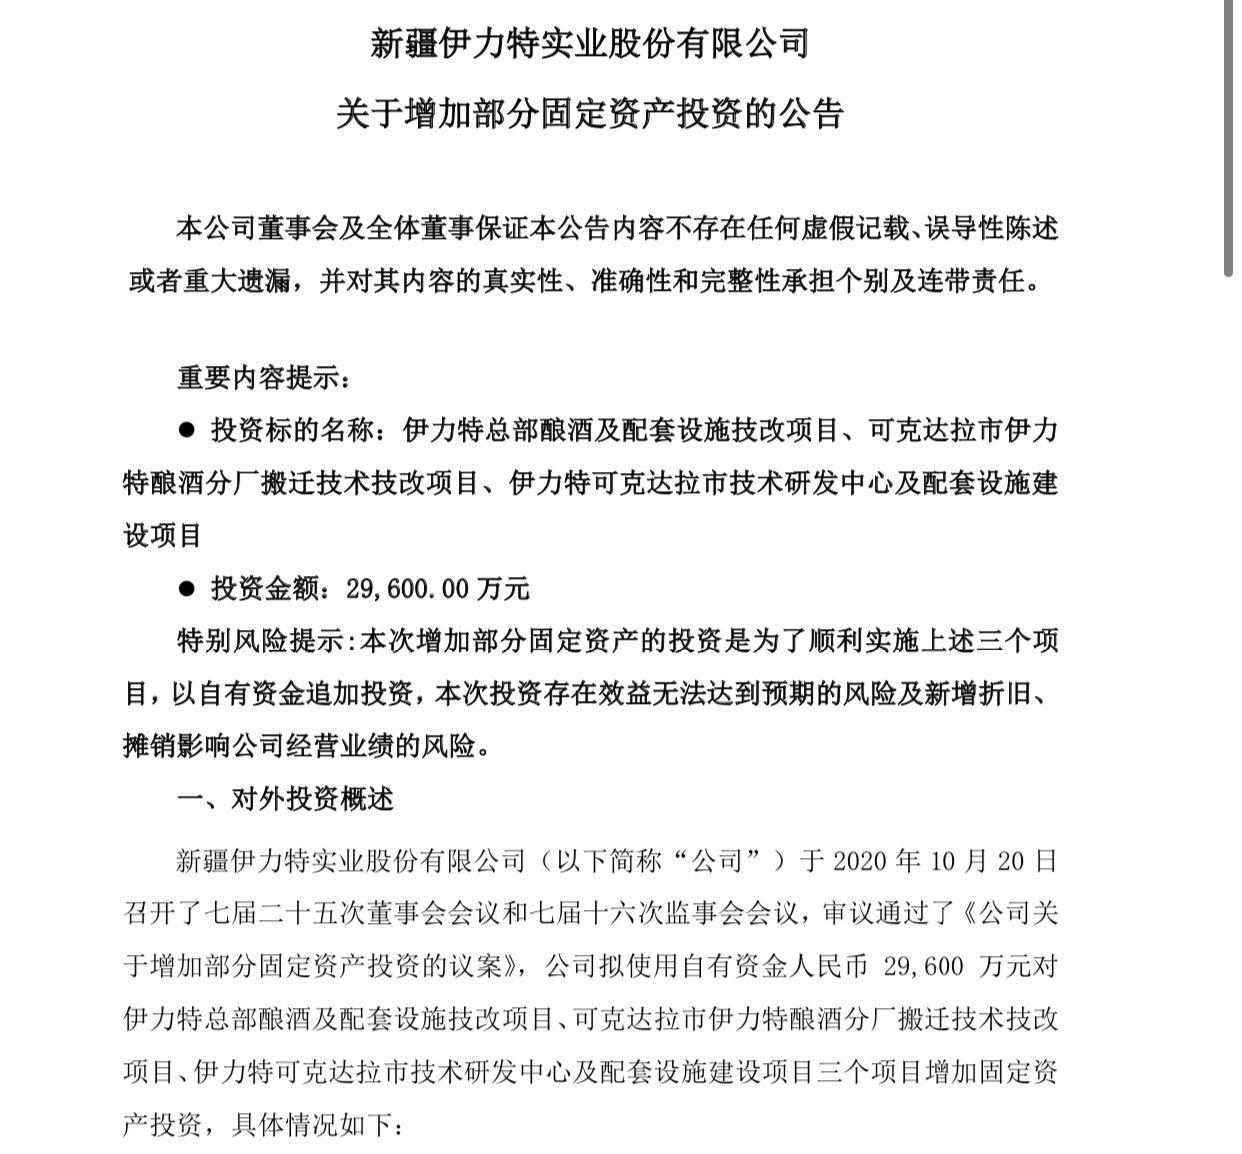 华美测速:定资产投资用于总部酿华美测速酒图片